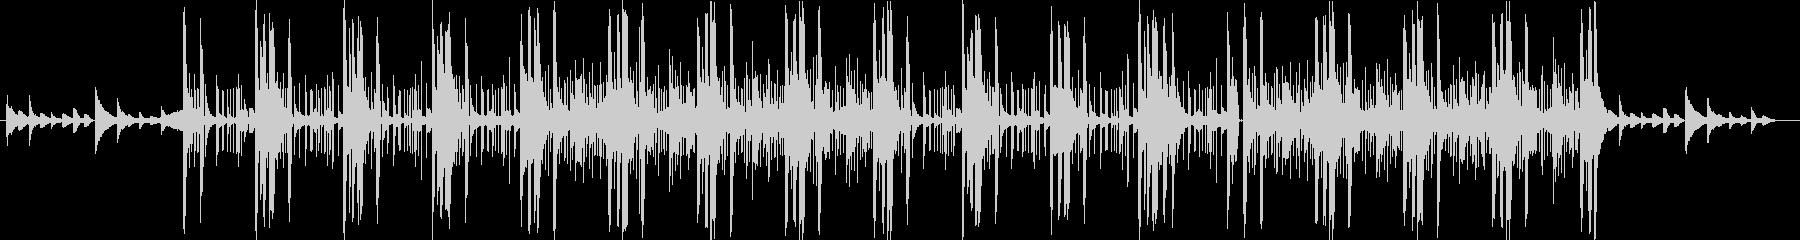 ダークな雰囲気のあるピアノ系のR&Bの未再生の波形